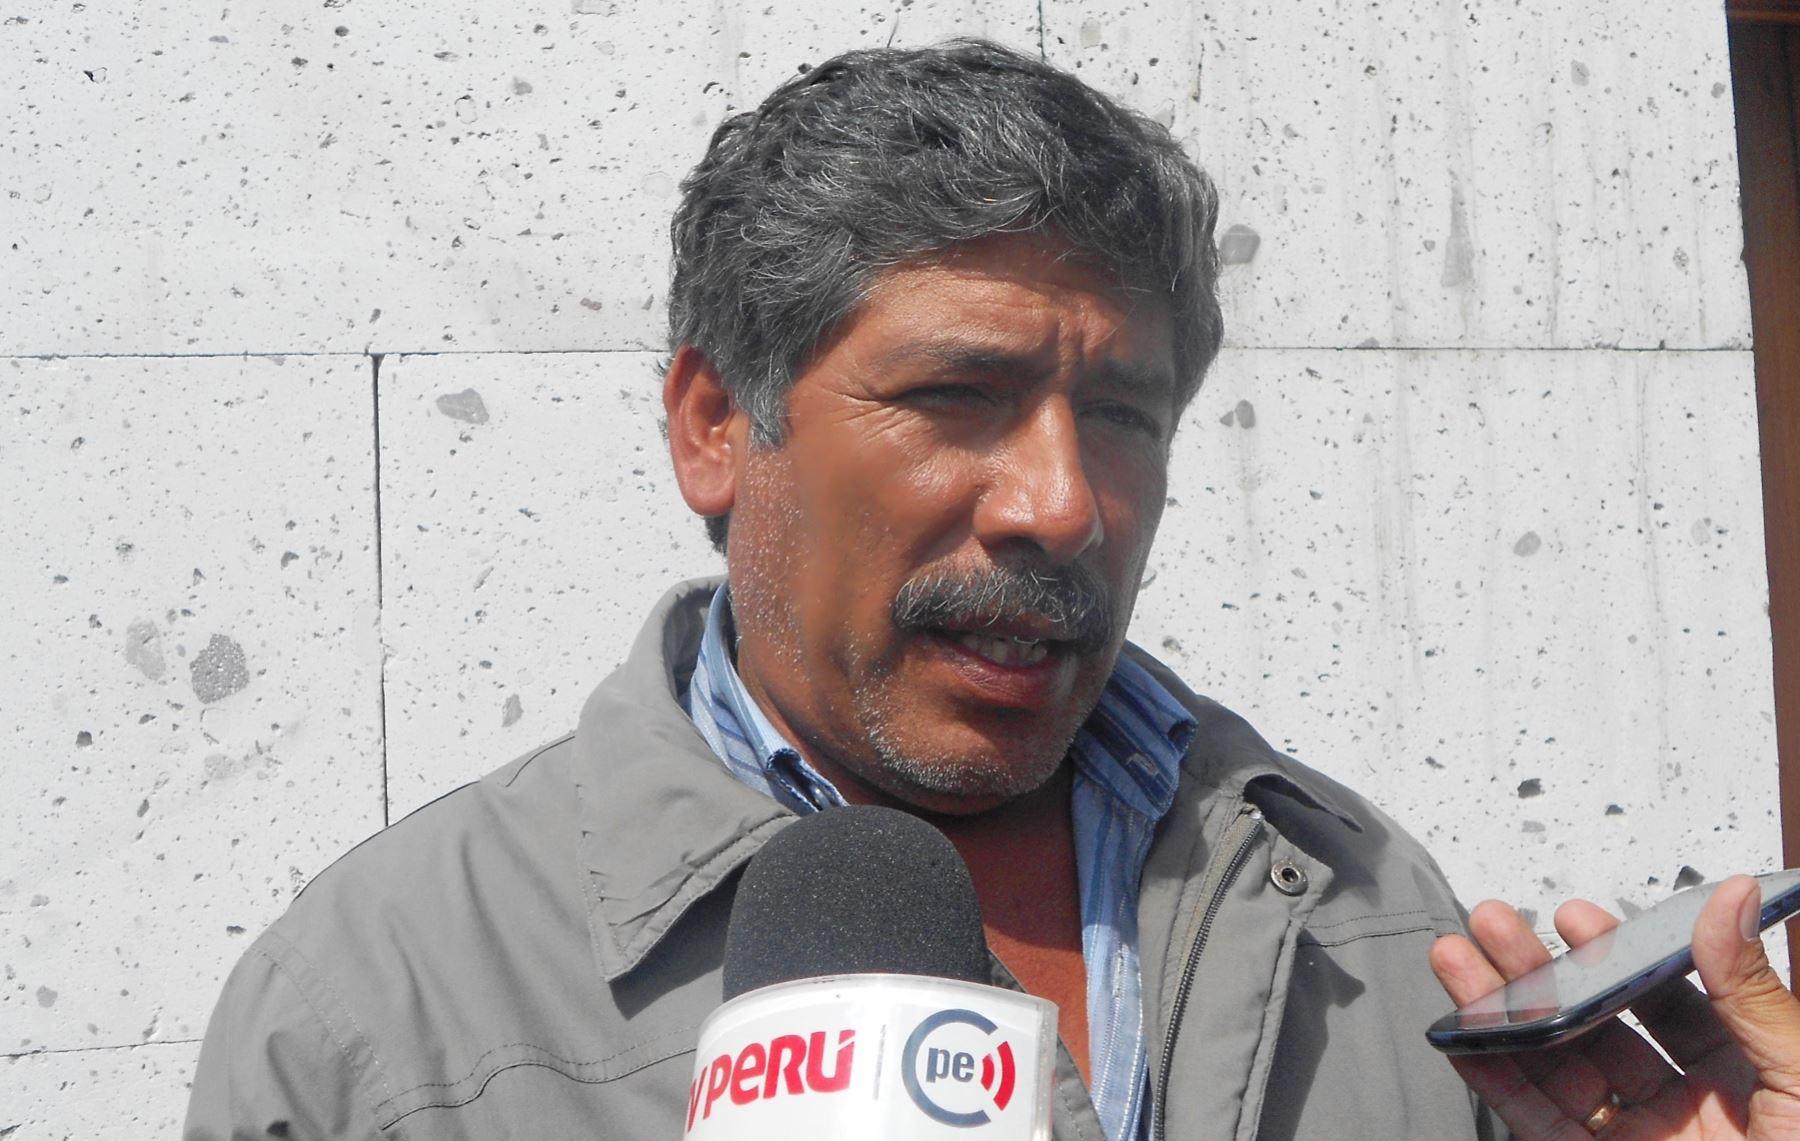 Jesús Cornejo, presidente de la Junta de Usuarios del Valle del Tambo, rindió su testimonio ante la Fiscalía de Crimen Organizado de Arequipa. Foto: ANDINA/Rocío Méndez.